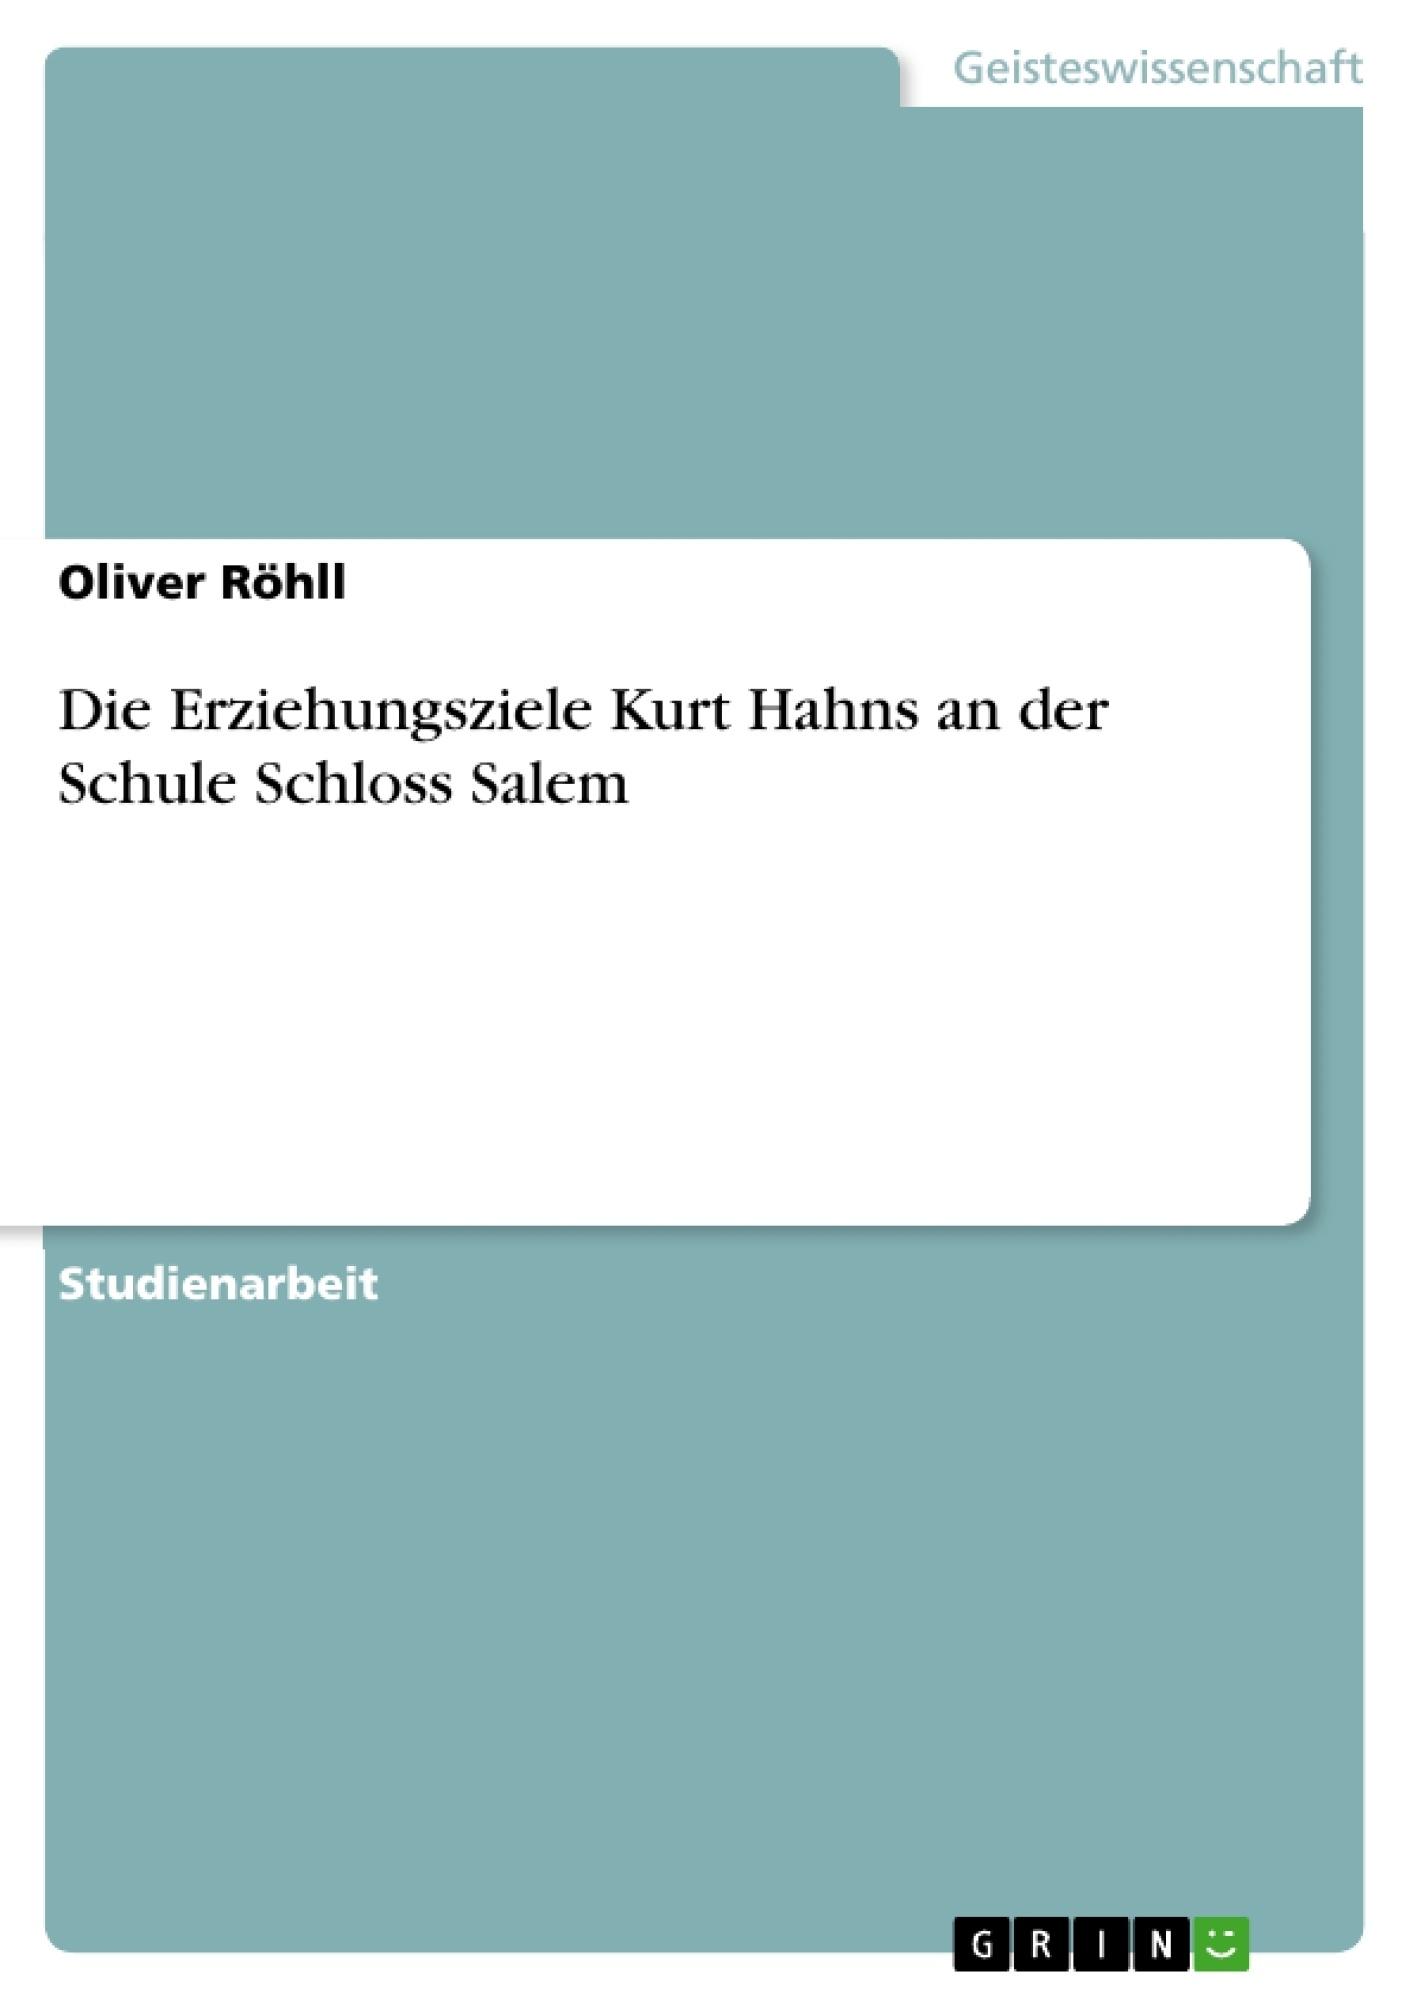 Titel: Die Erziehungsziele Kurt Hahns an der Schule Schloss Salem